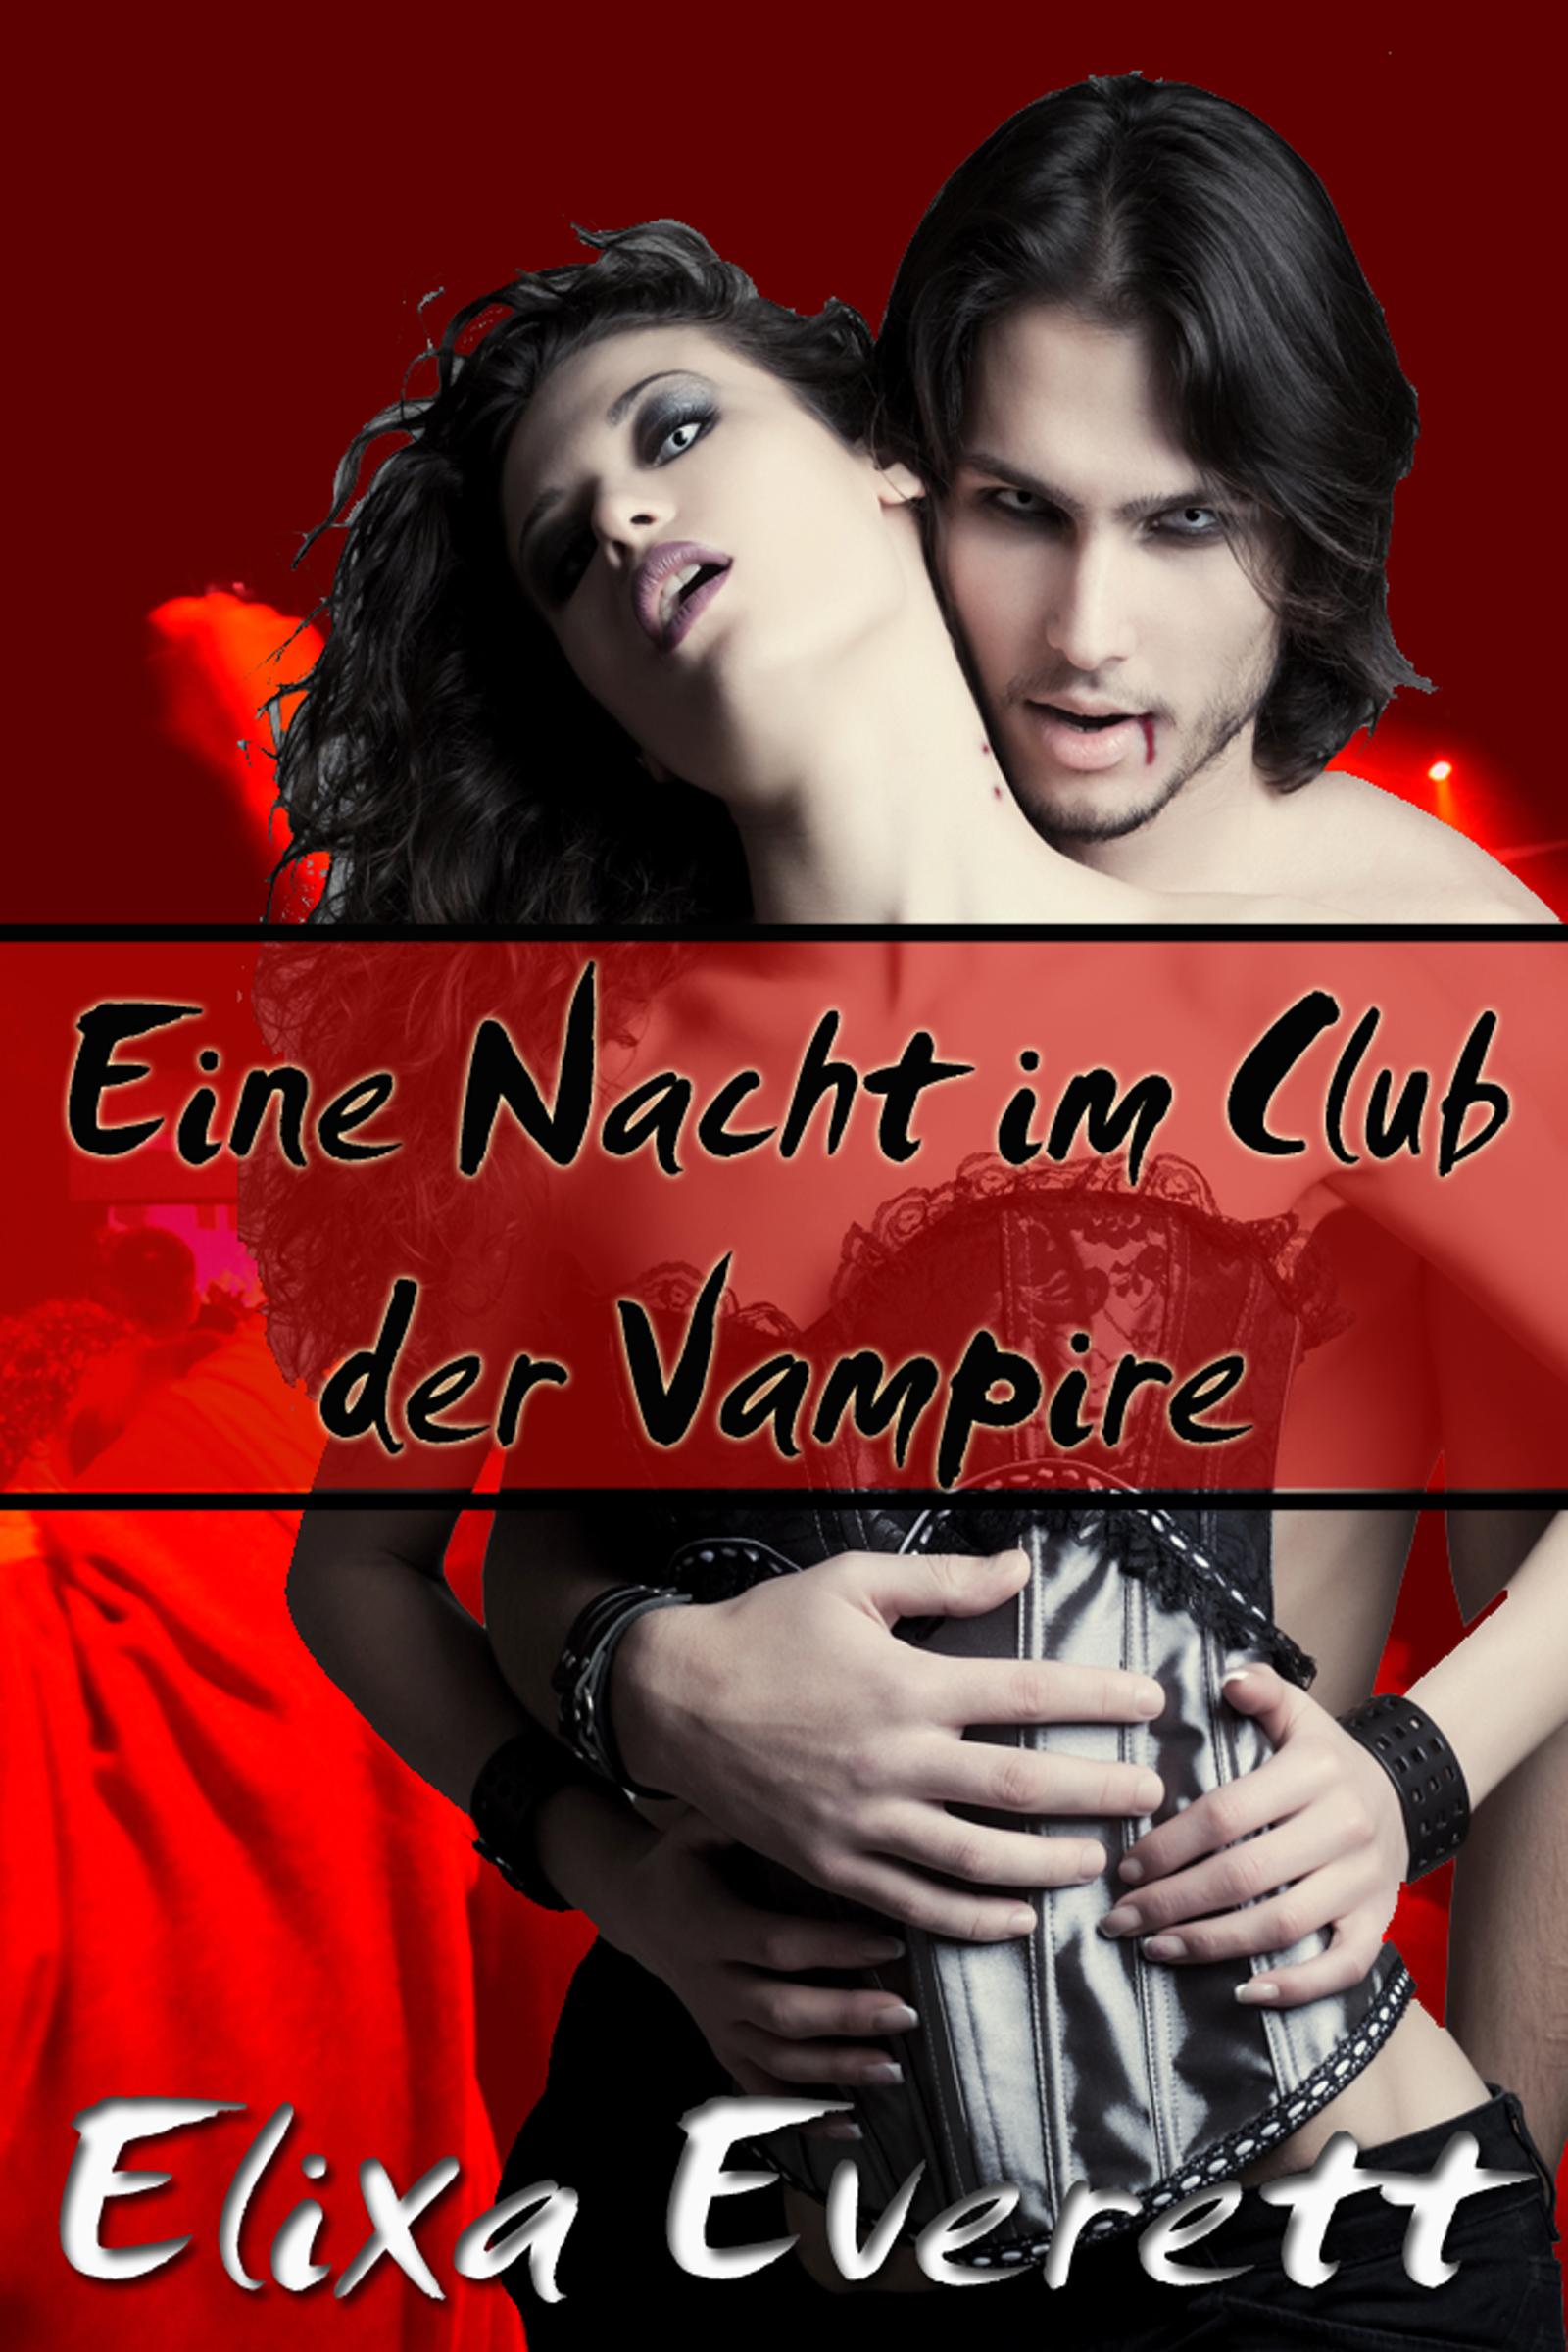 Elixa Everett - Eine Nacht im Club der Vampire